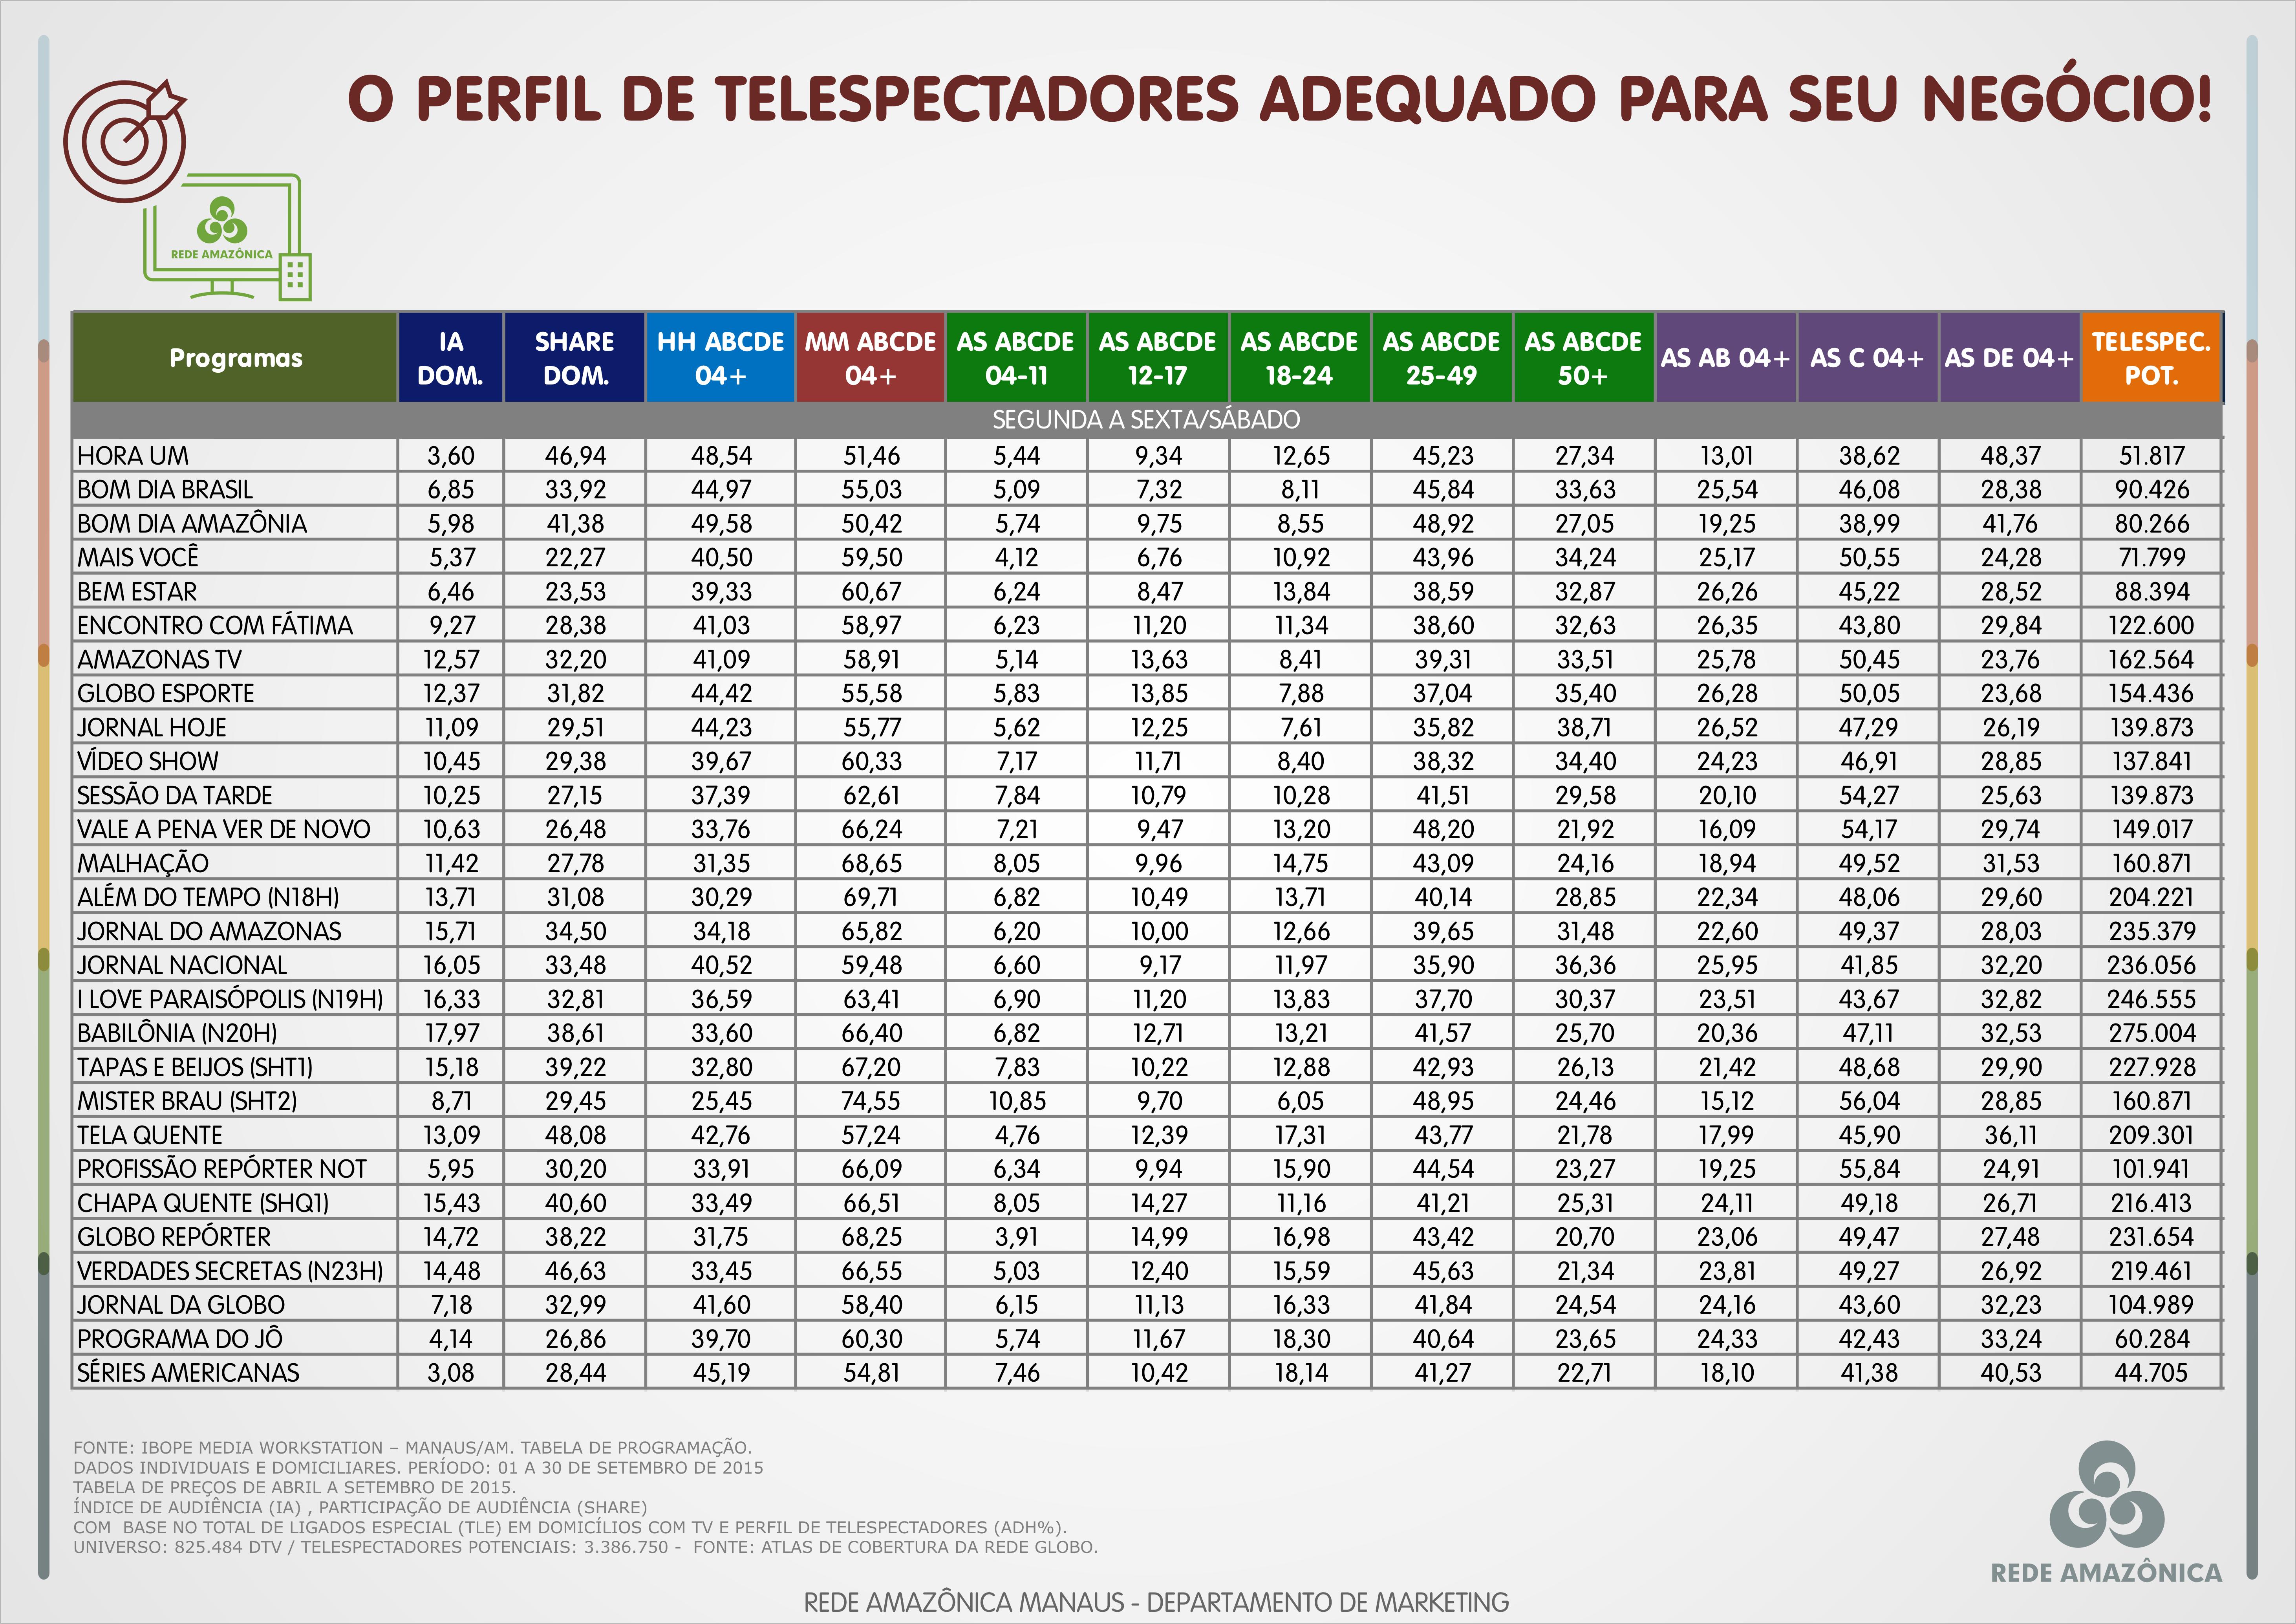 Confira o perfil de telespectadores da Rede Amazônica em setembro/2015 (Foto: Marketing/Rede Amazônica)